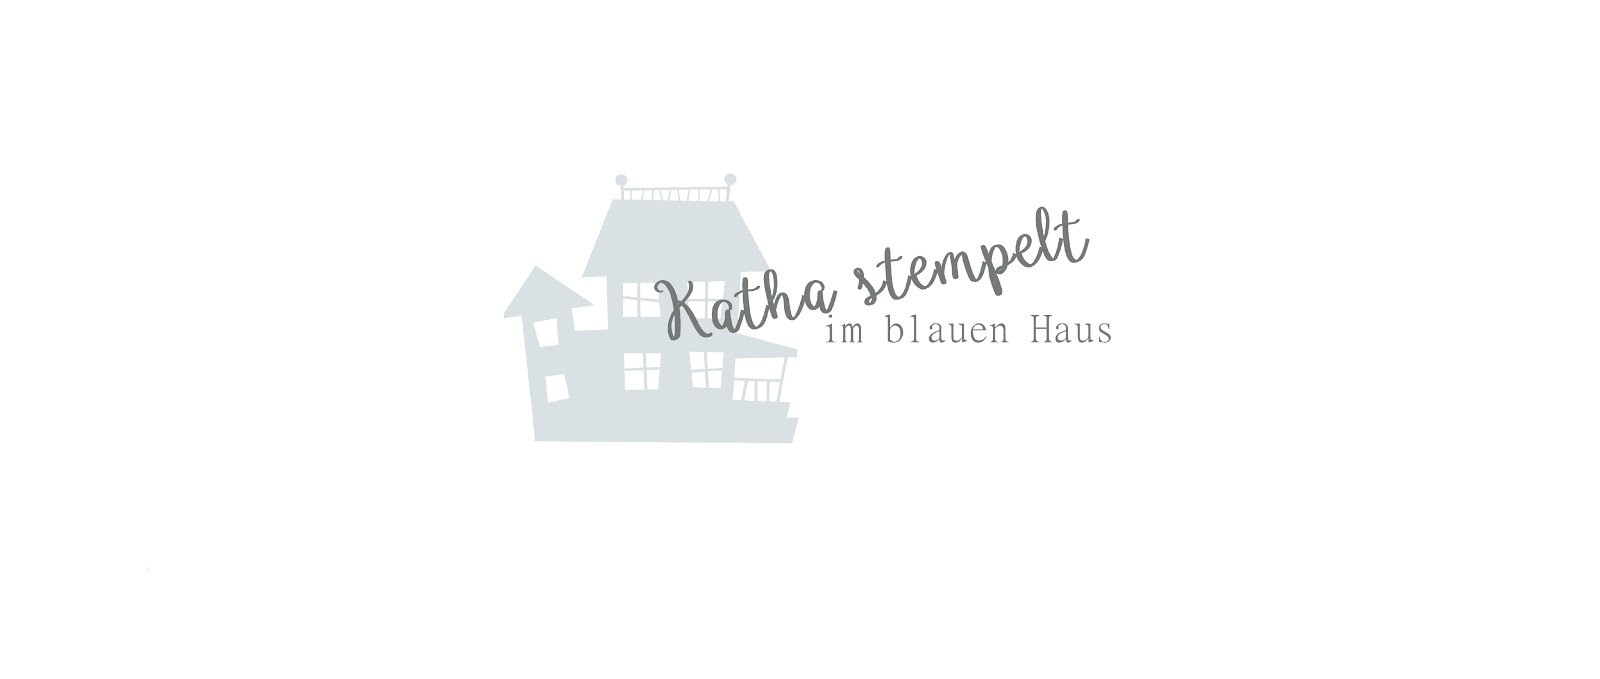 Katha stempelt im blauen Haus